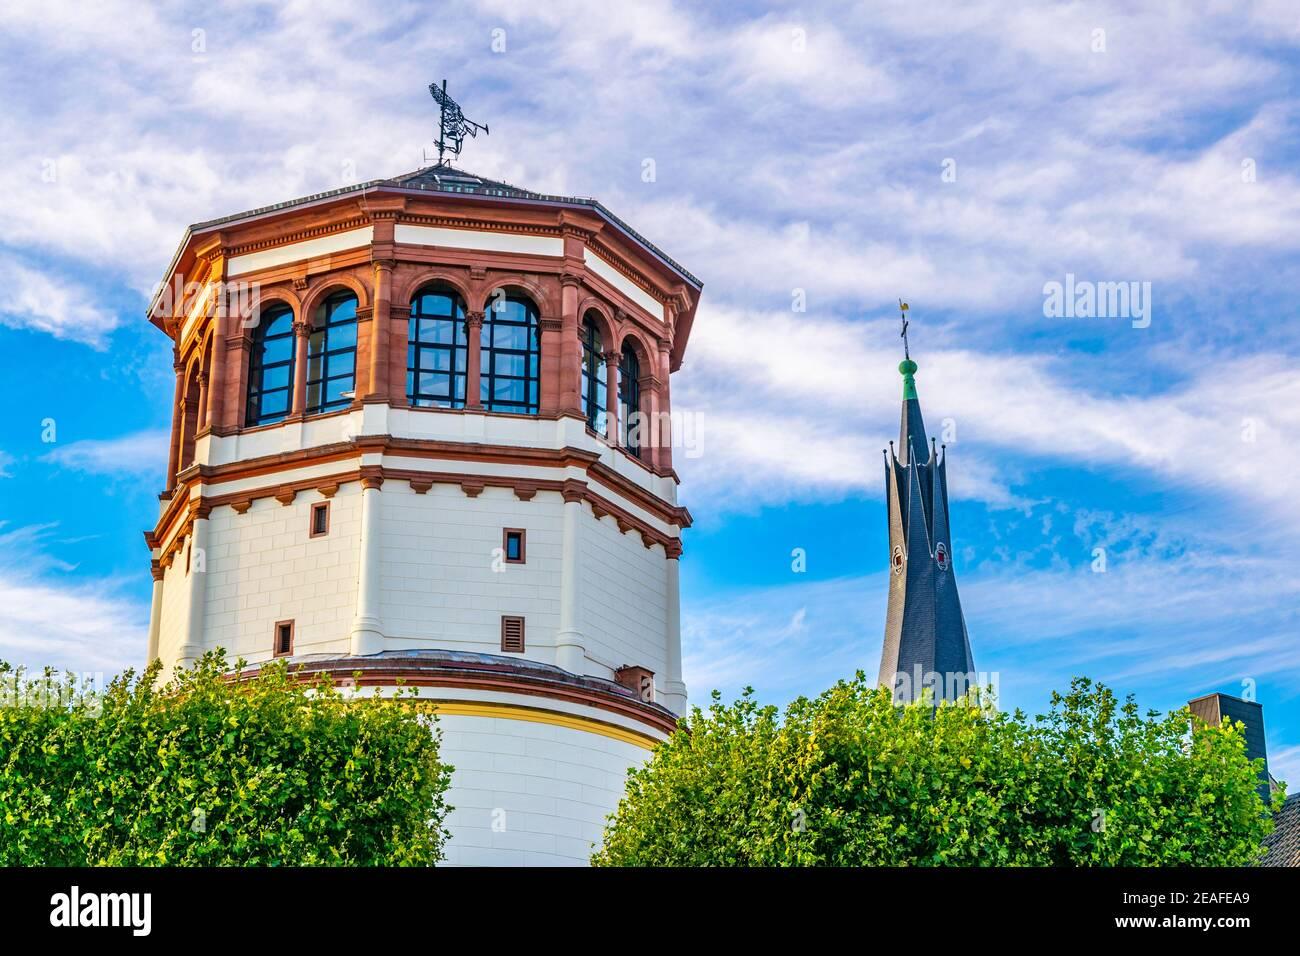 Schifffahrt museum and Saint Lambertus church in Dusseldorf, Germany Stock Photo